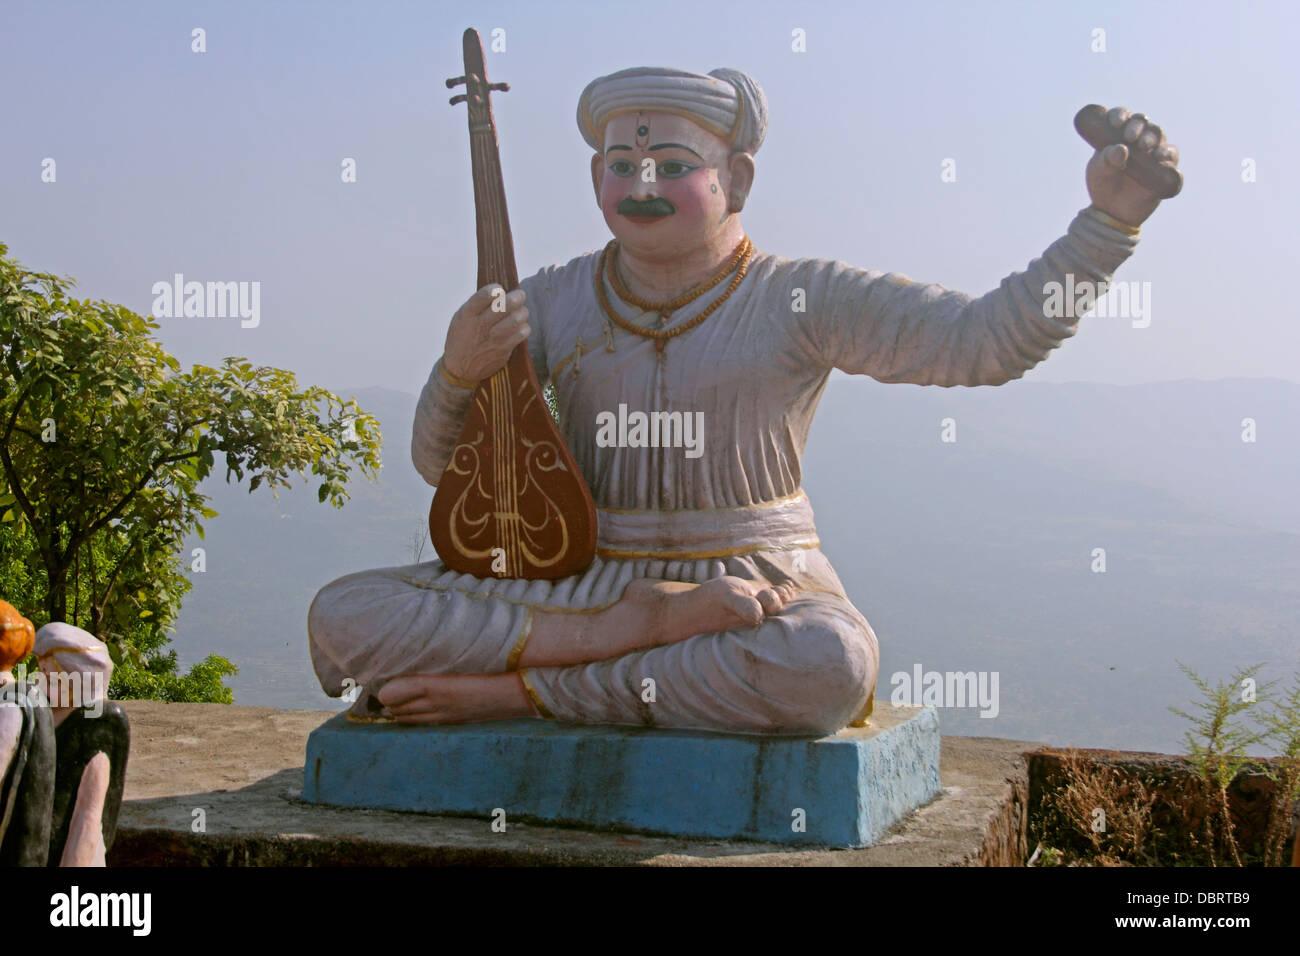 Idol of Saint Tukaram great poet of Marathi in temple at Pune, Maharashtra, India - Stock Image